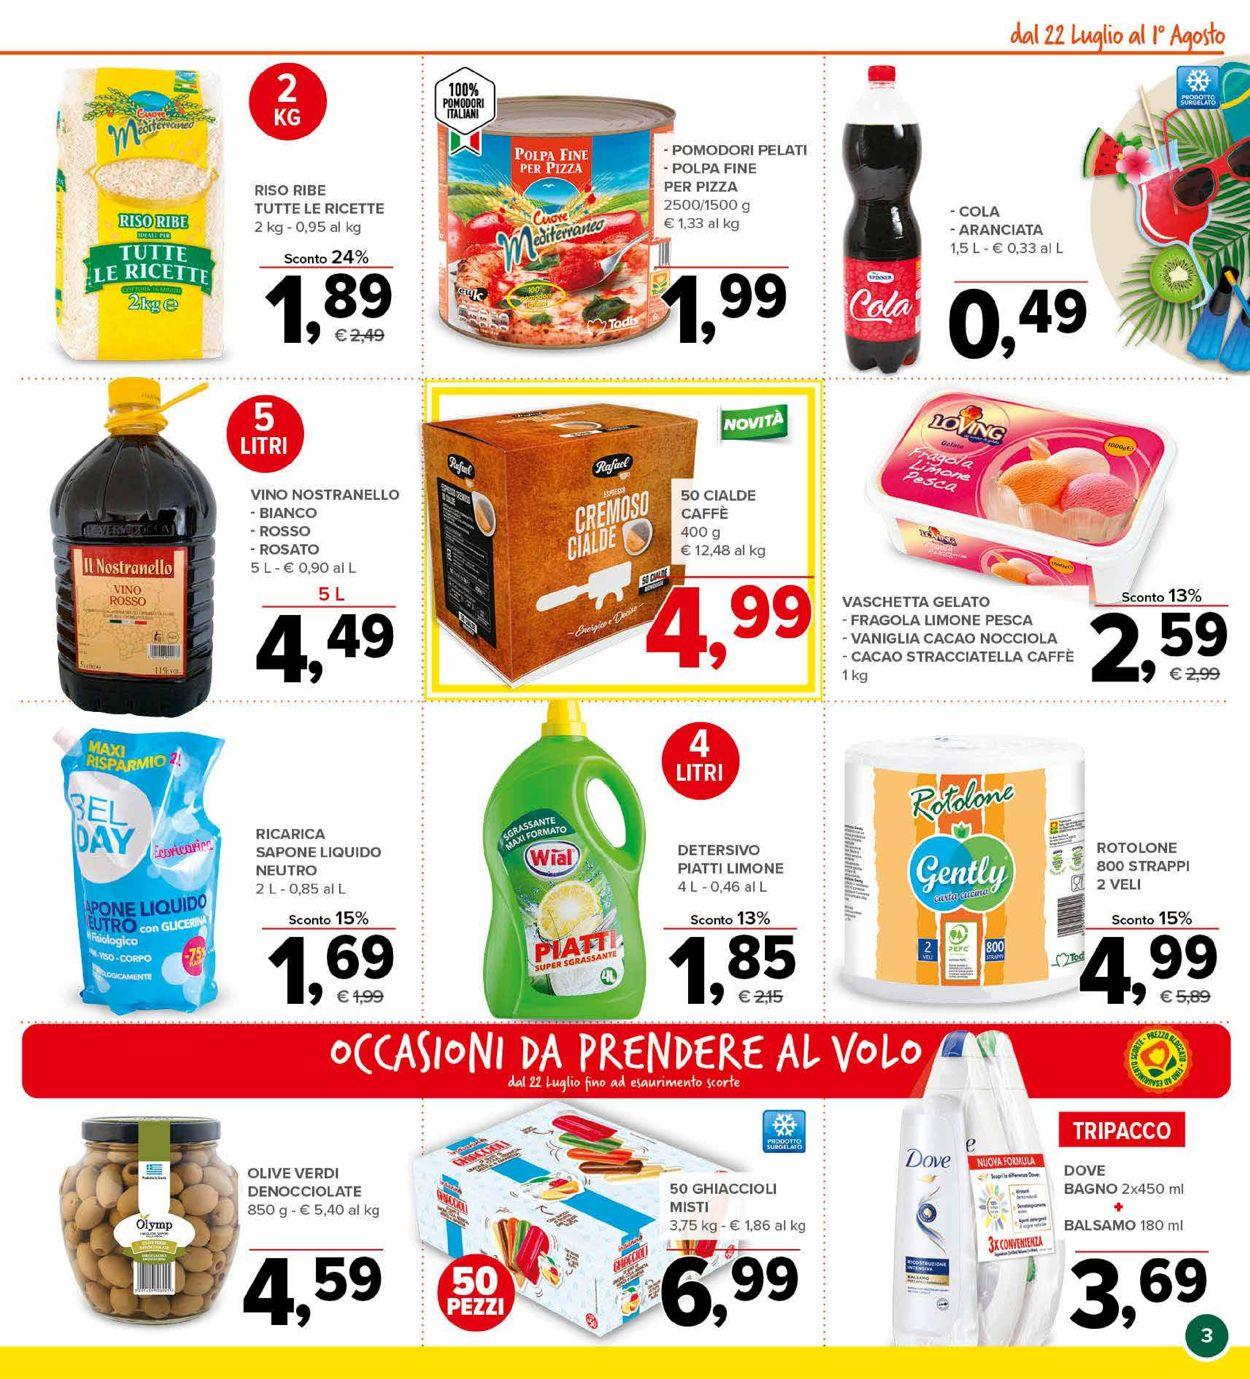 Volantino Todis - Offerte 22/07-01/08/2021 (Pagina 3)